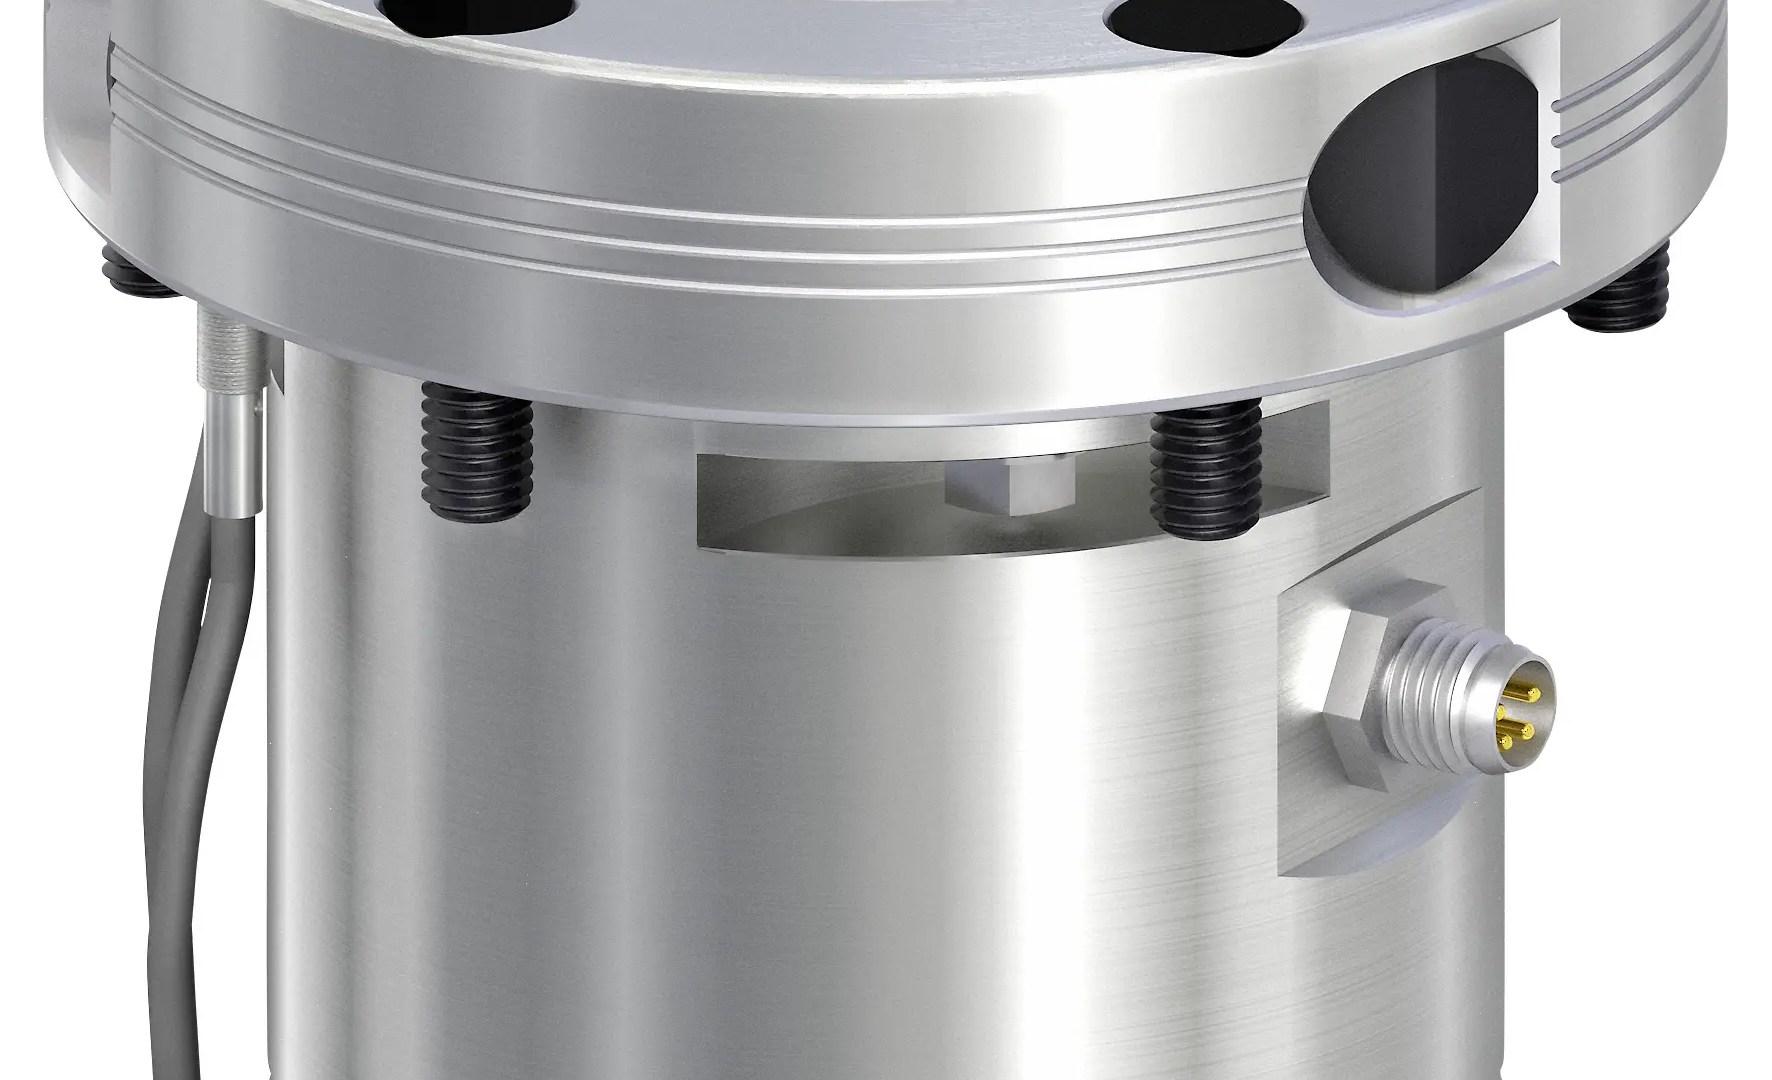 Módulo de sujeción eléctrico para tareas de fabricación, montaje, medición e impresión 3D